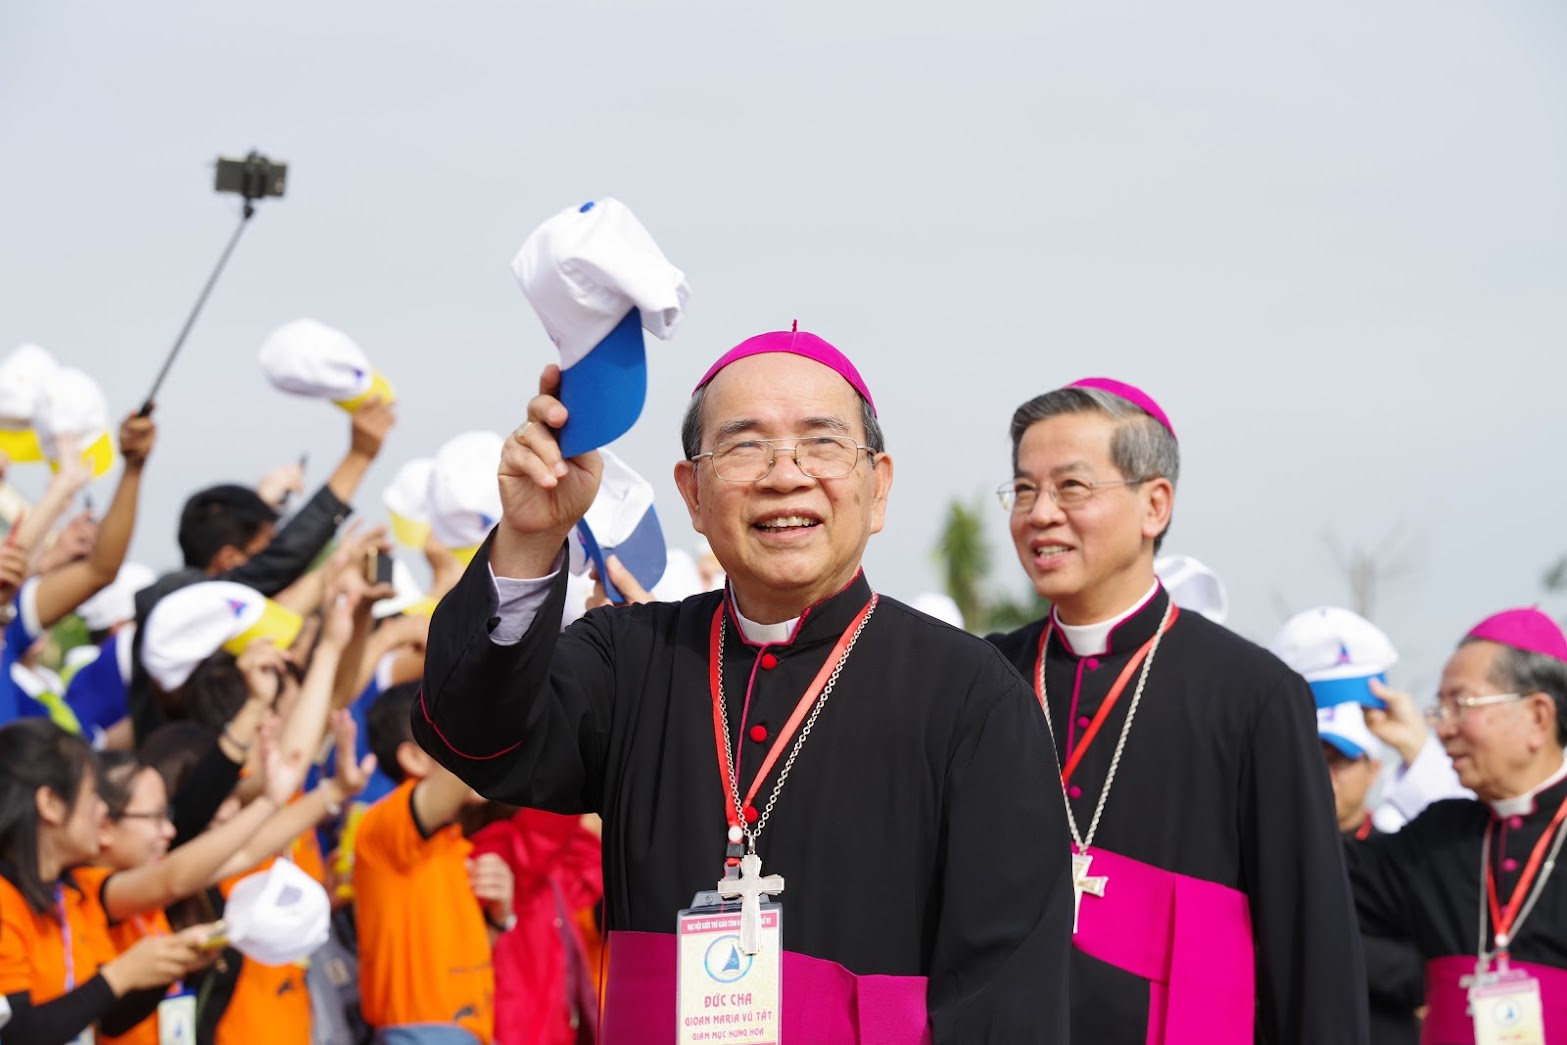 Những hình ảnh đẹp về lễ khai mạc Đại Hội Giới Trẻ giáo tỉnh Hà Nội lần thứ XV tại Thanh Hóa - Ảnh minh hoạ 15